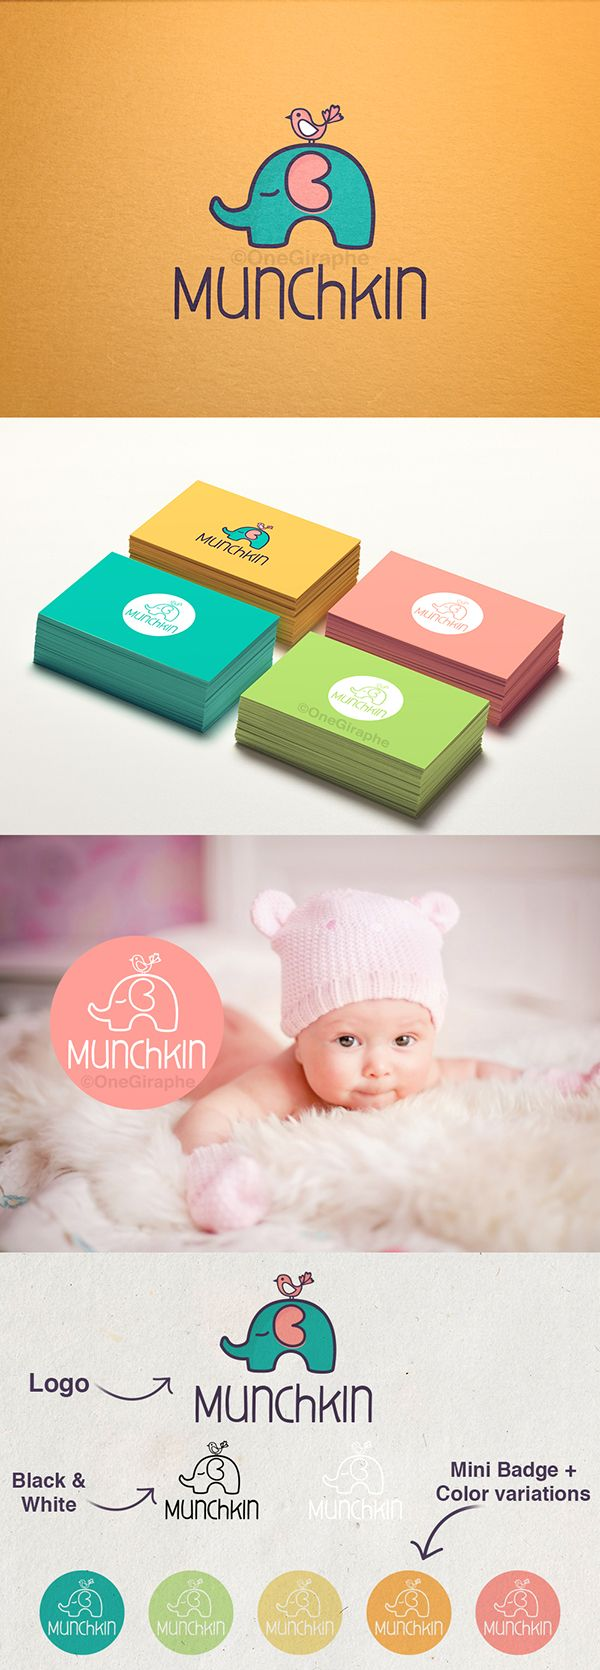 Munchkin - Logo for Sale! www.One-Giraphe.com on Behance